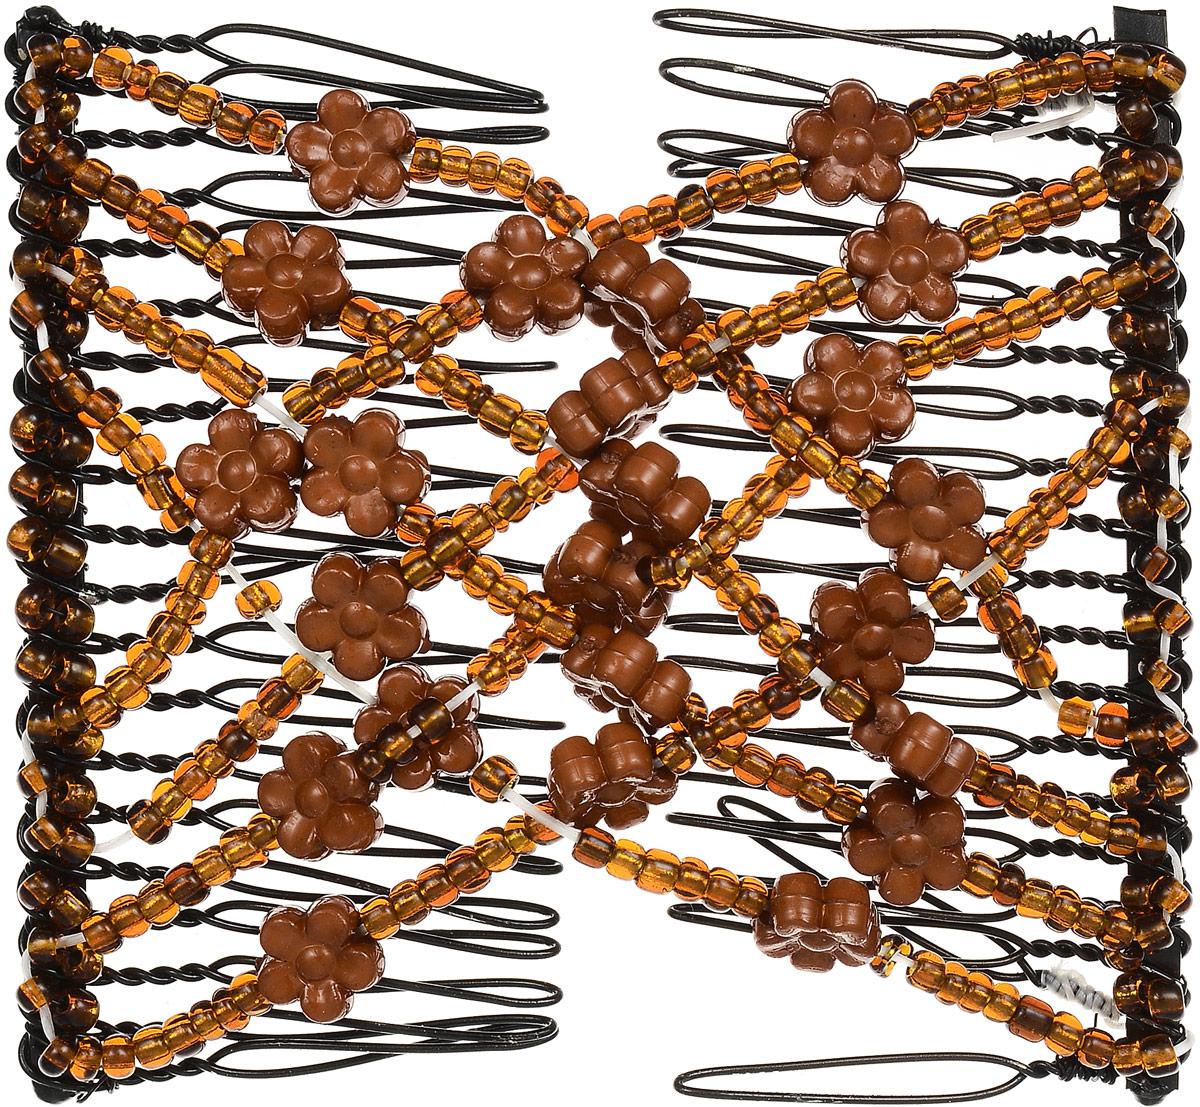 EZ-Combs Заколка Изи-Комбс, одинарная, цвет: коричневый. ЗИО_цветочкиCDB 606Удобная и практичная EZ-Combs подходит для любого типа волос: тонких, жестких, вьющихся или прямых, и не наносит им никакого вреда. Заколка не мешает движениям головы и не создает дискомфорта, когда вы отдыхаете или управляете автомобилем. Каждый гребень имеет по 20 зубьев для надежной фиксации заколки на волосах! И даже во время бега и интенсивных тренировок в спортзале EZ-Combs не падает; она прочно фиксирует прическу, сохраняя укладку в первозданном виде.Небольшая и легкая заколка для волос EZ-Combs поместится в любой дамской сумочке, позволяя быстро и без особых усилий создавать неповторимые прически там, где вам это удобно. Гребень прекрасно сочетается с любой одеждой: будь это классический или спортивный стиль, завершая гармоничный облик современной леди. И неважно, какой образ жизни вы ведете, если у вас есть EZ-Combs, вы всегда будете выглядеть потрясающе.